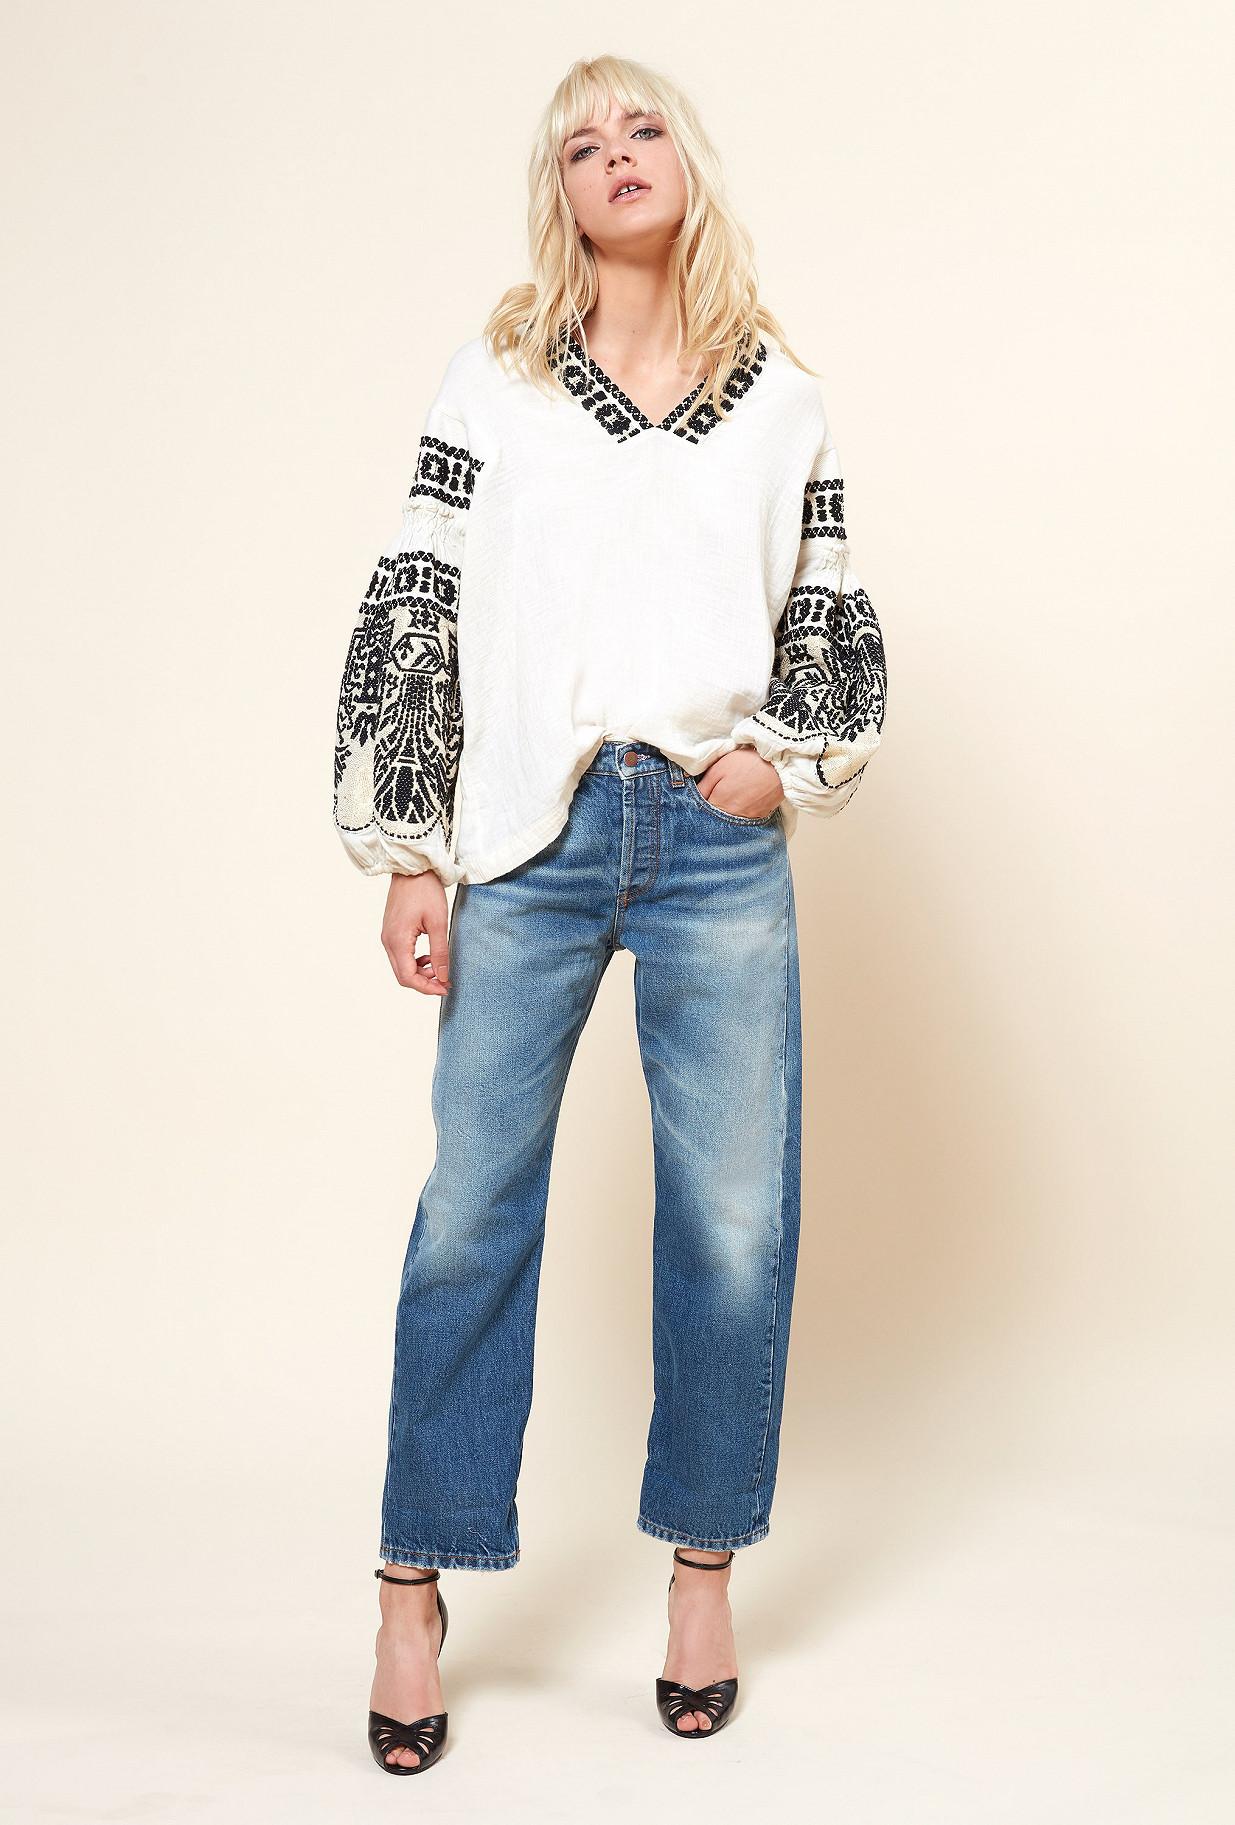 Ivory  Blouse  Petra Mes demoiselles fashion clothes designer Paris